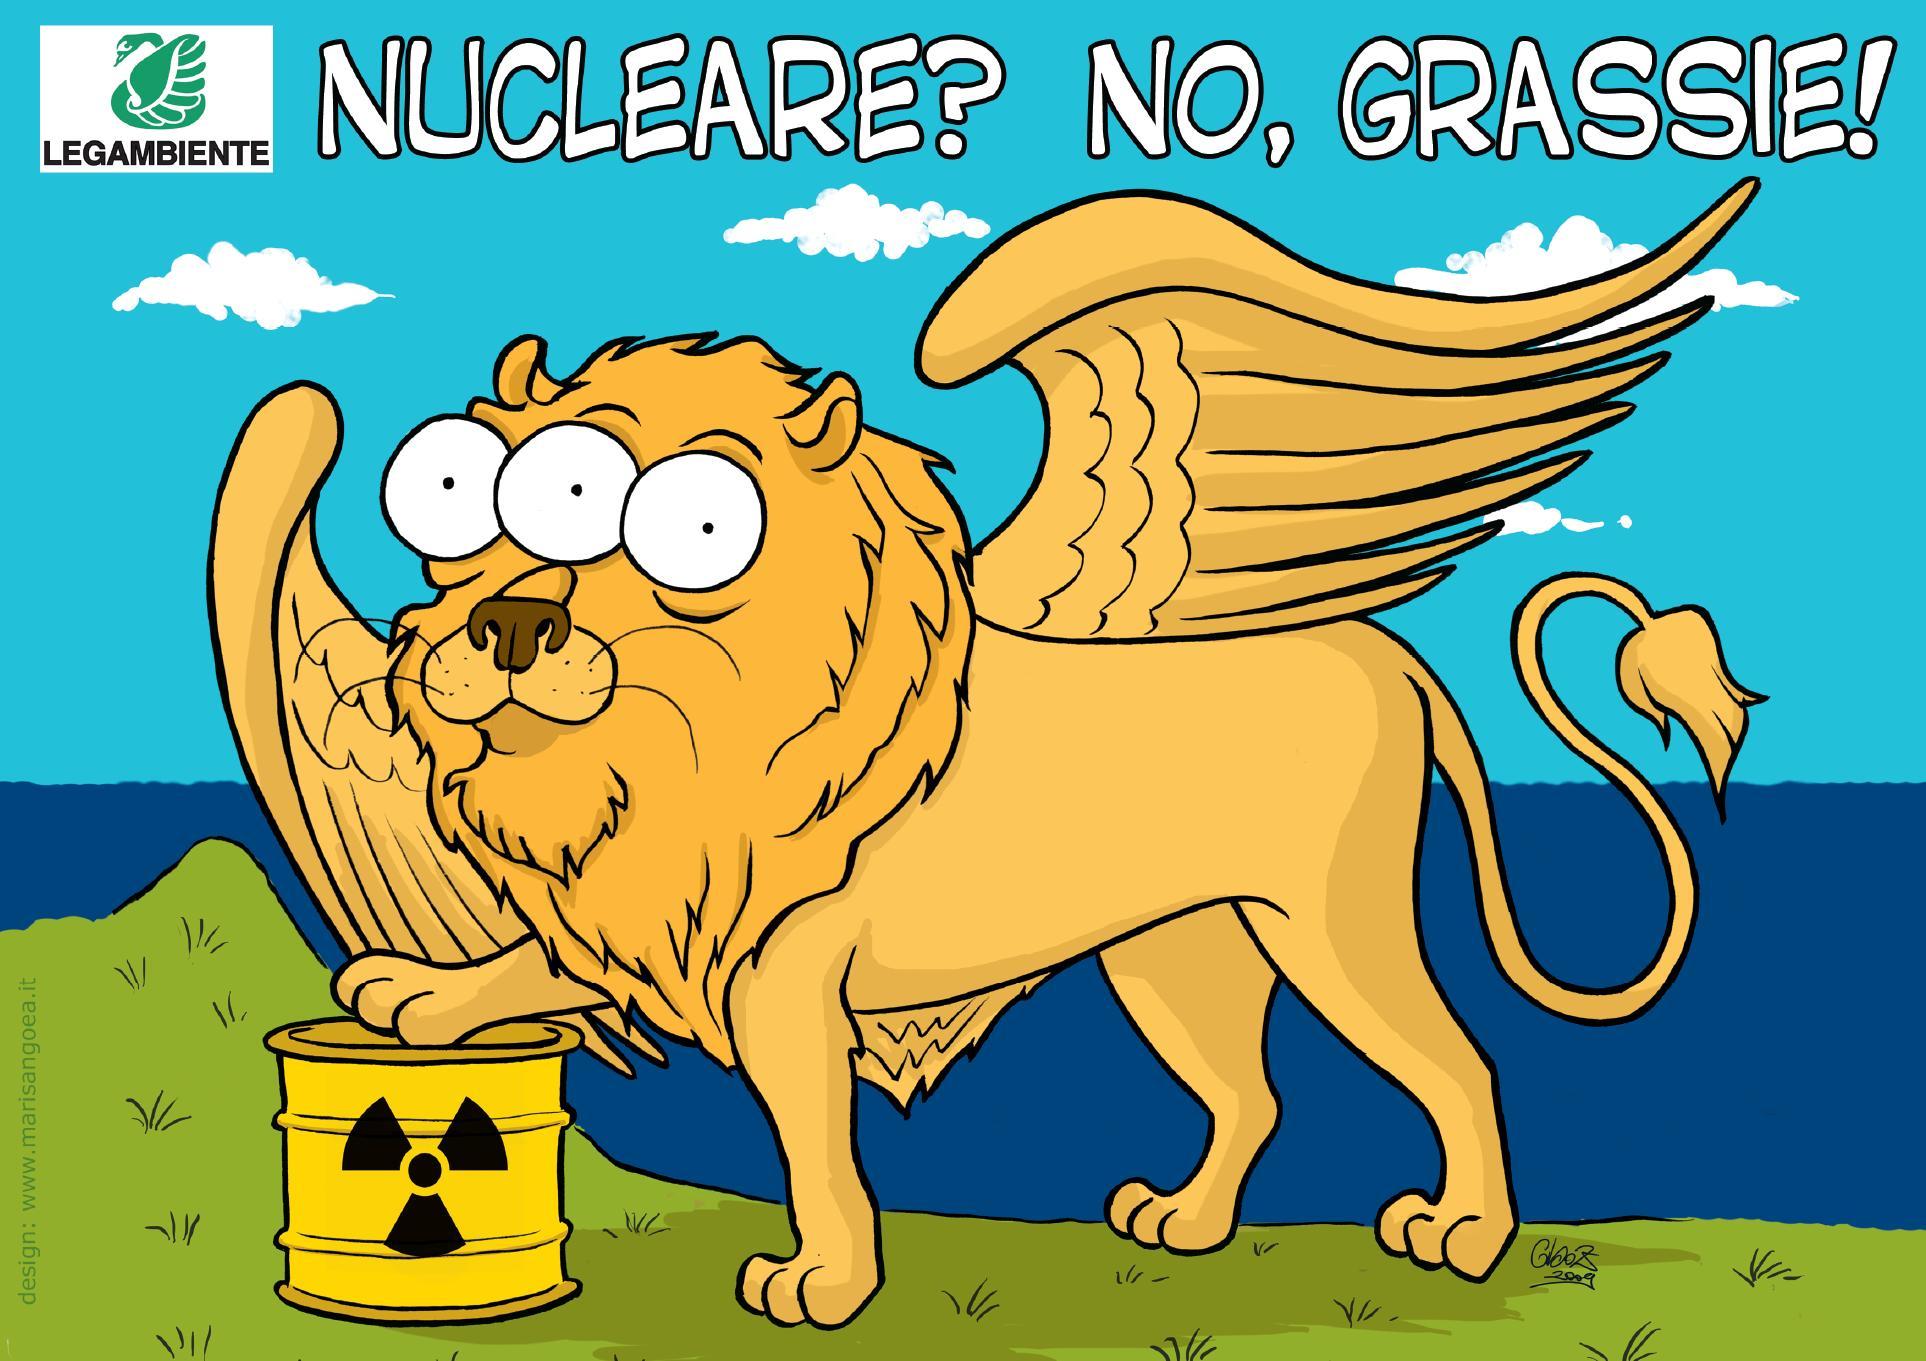 Leone nucleare